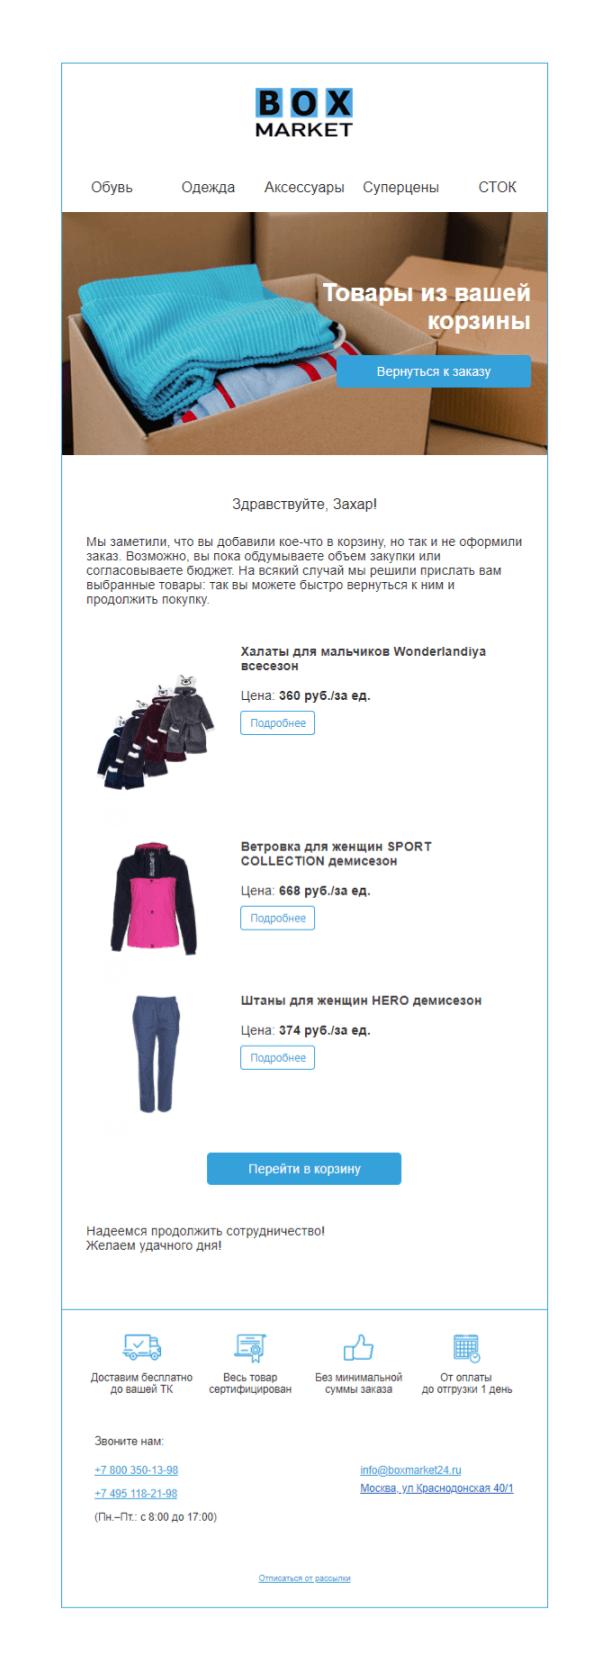 Пример емейл рассылки от Box Market